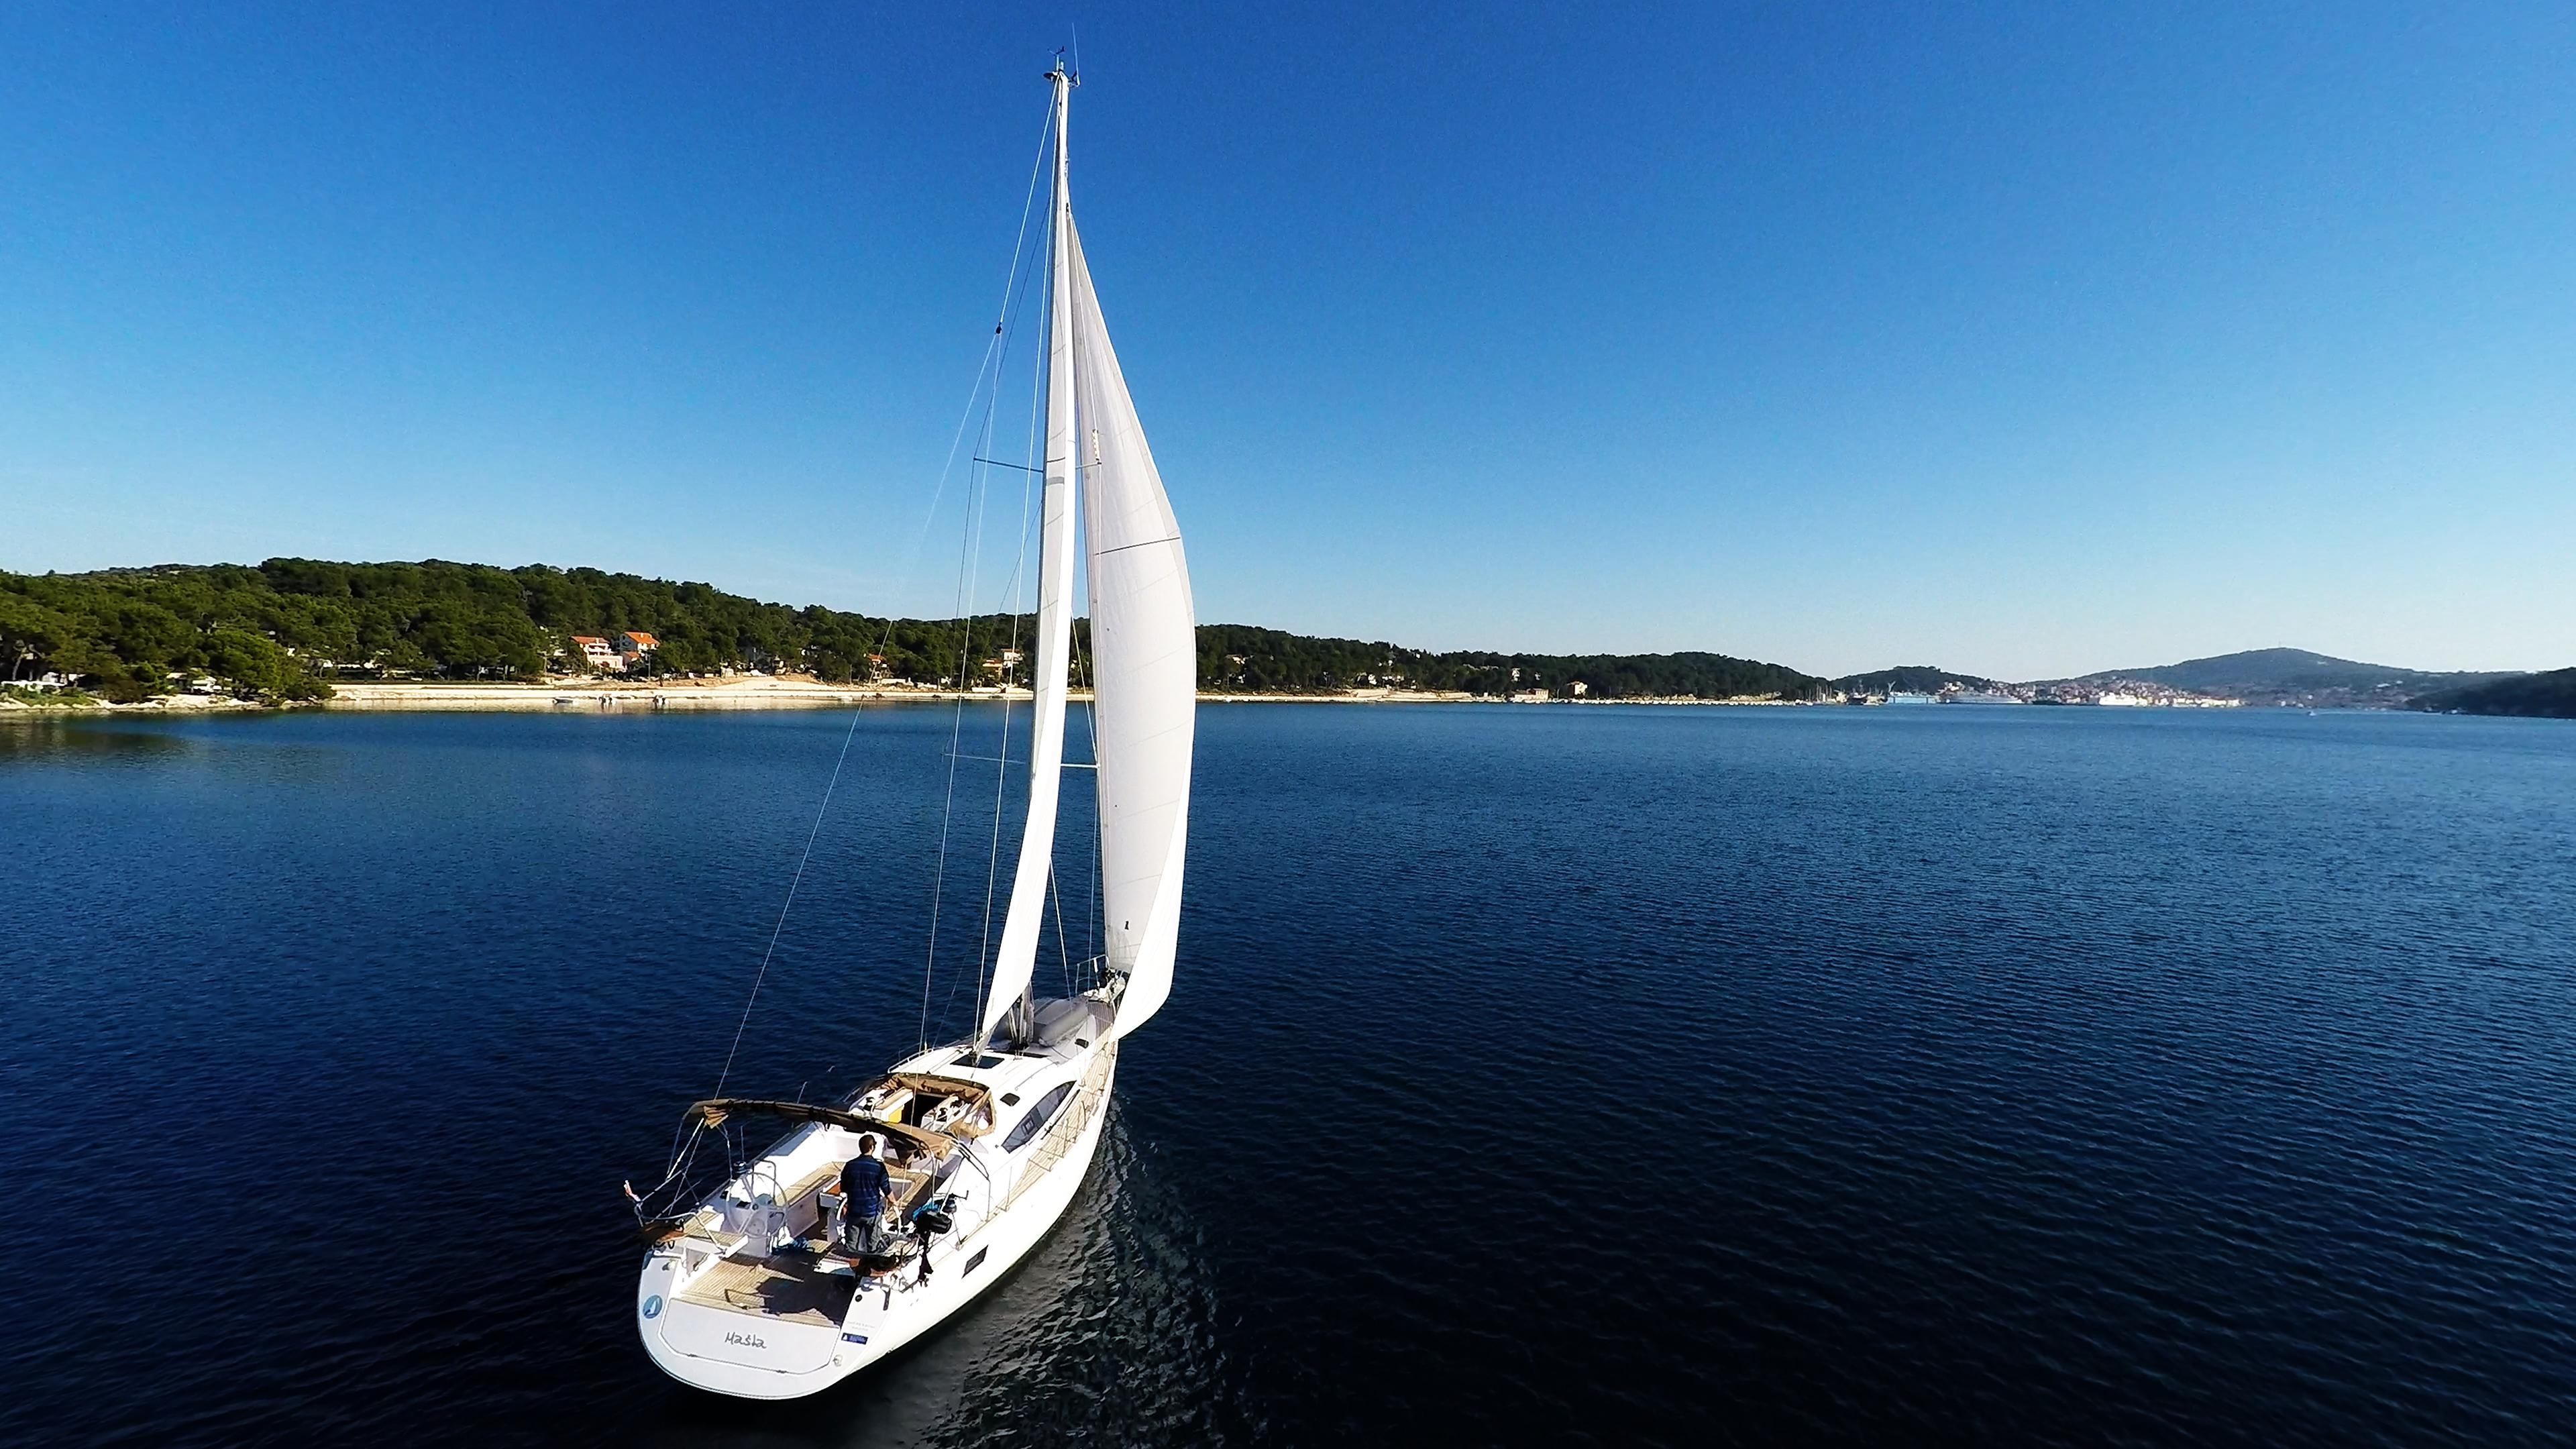 barcha a vela barca a vela navigare nella baia del mare Croazia cielo blu vele di yacht a vela